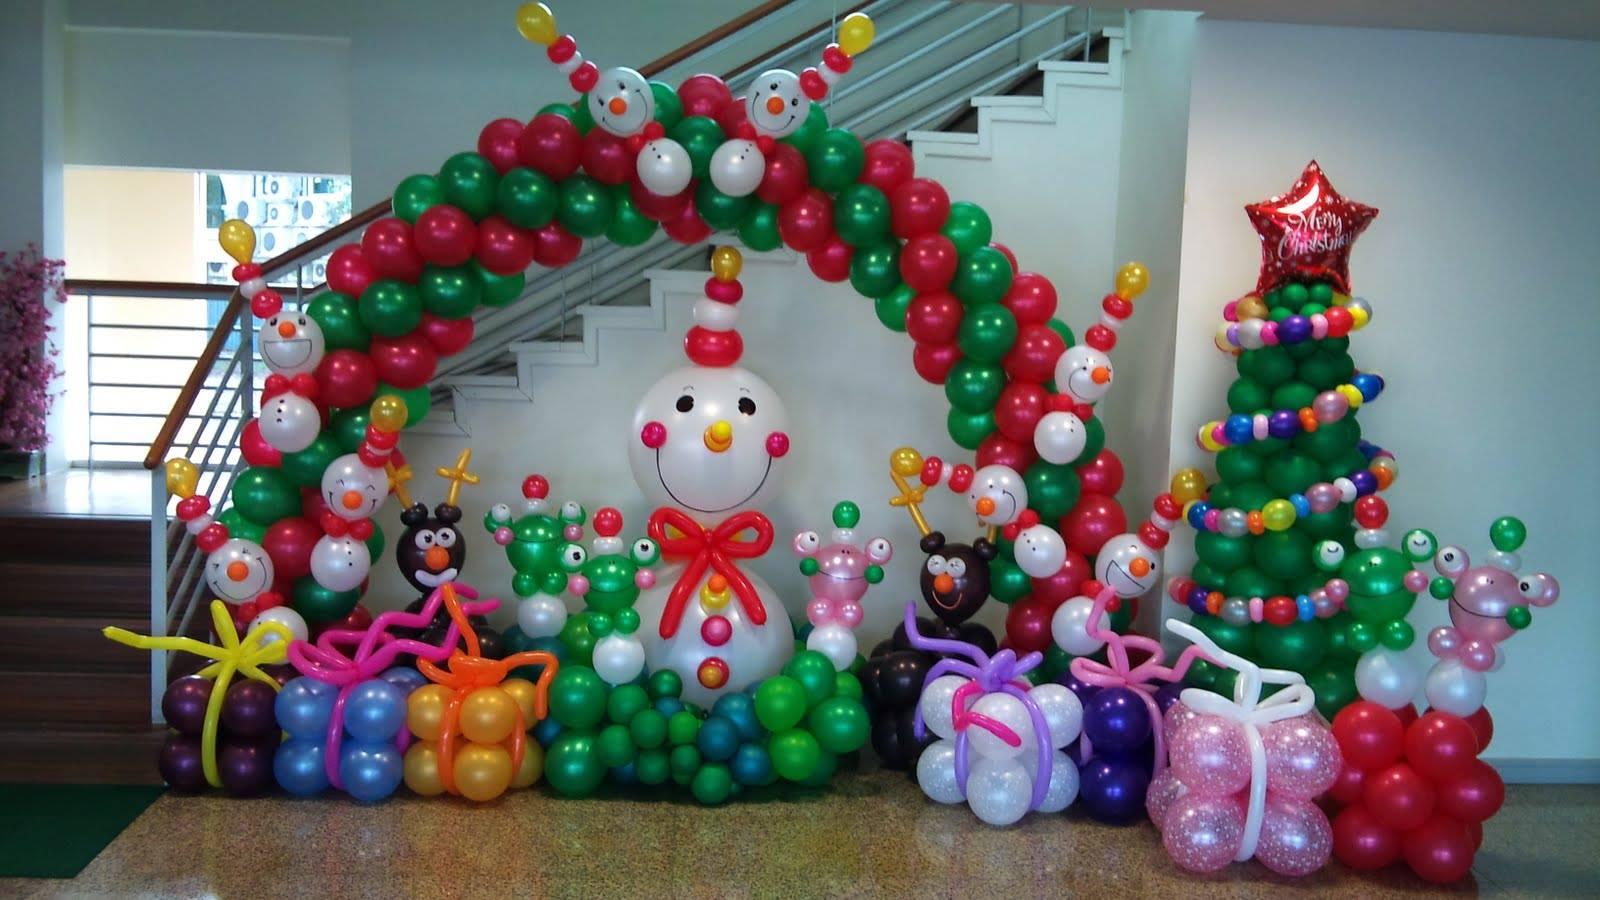 Navidad globos decoracion 9 imagenes educativas for Ambientacion para navidad